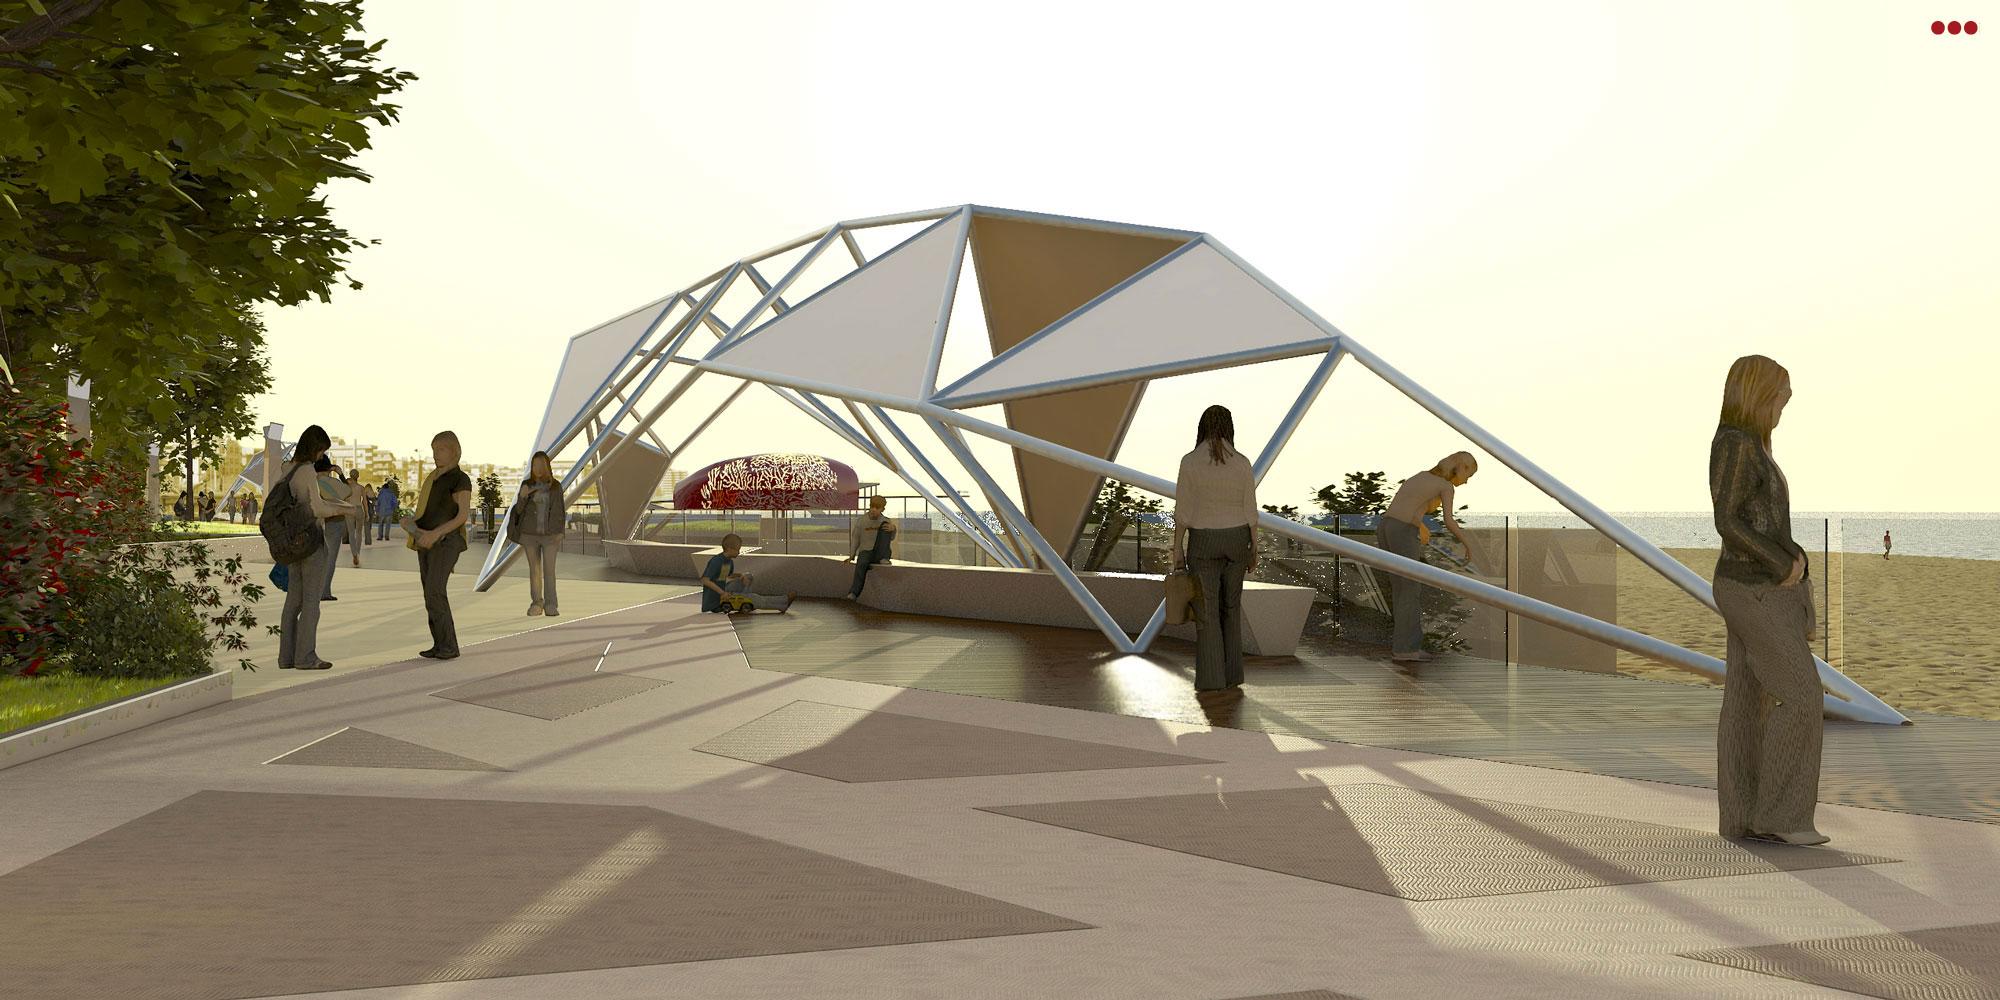 Progetto Rendering Modeling lungomare Cattolica Rimini 3D Studio Bartolini 3.1